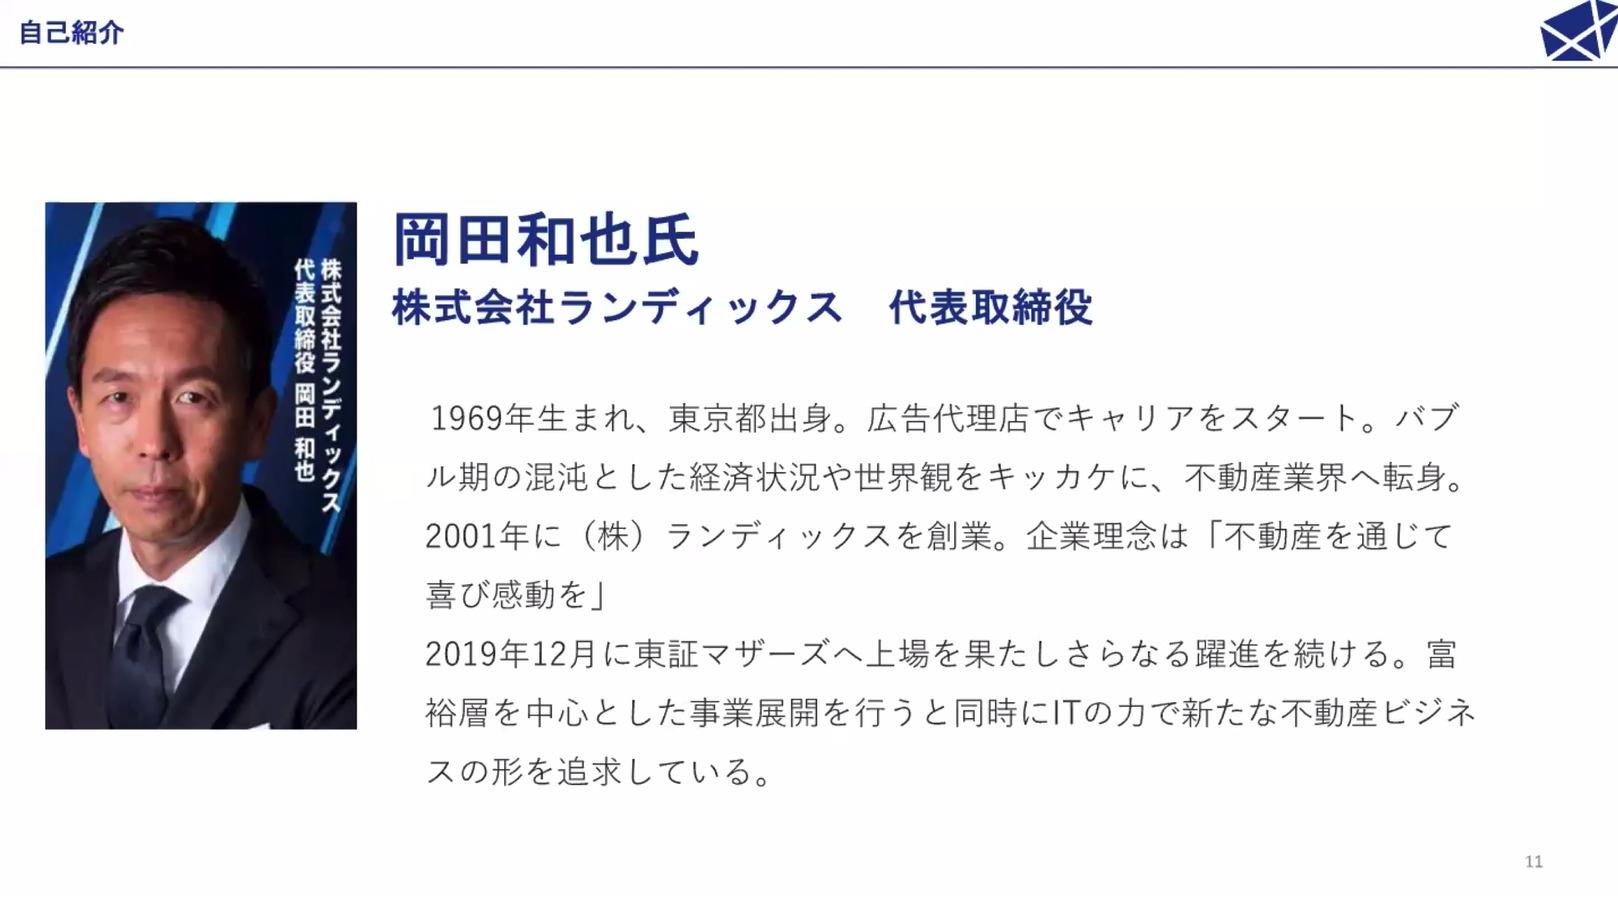 岡田和也氏(株式会社ランディックス 代表取締役)